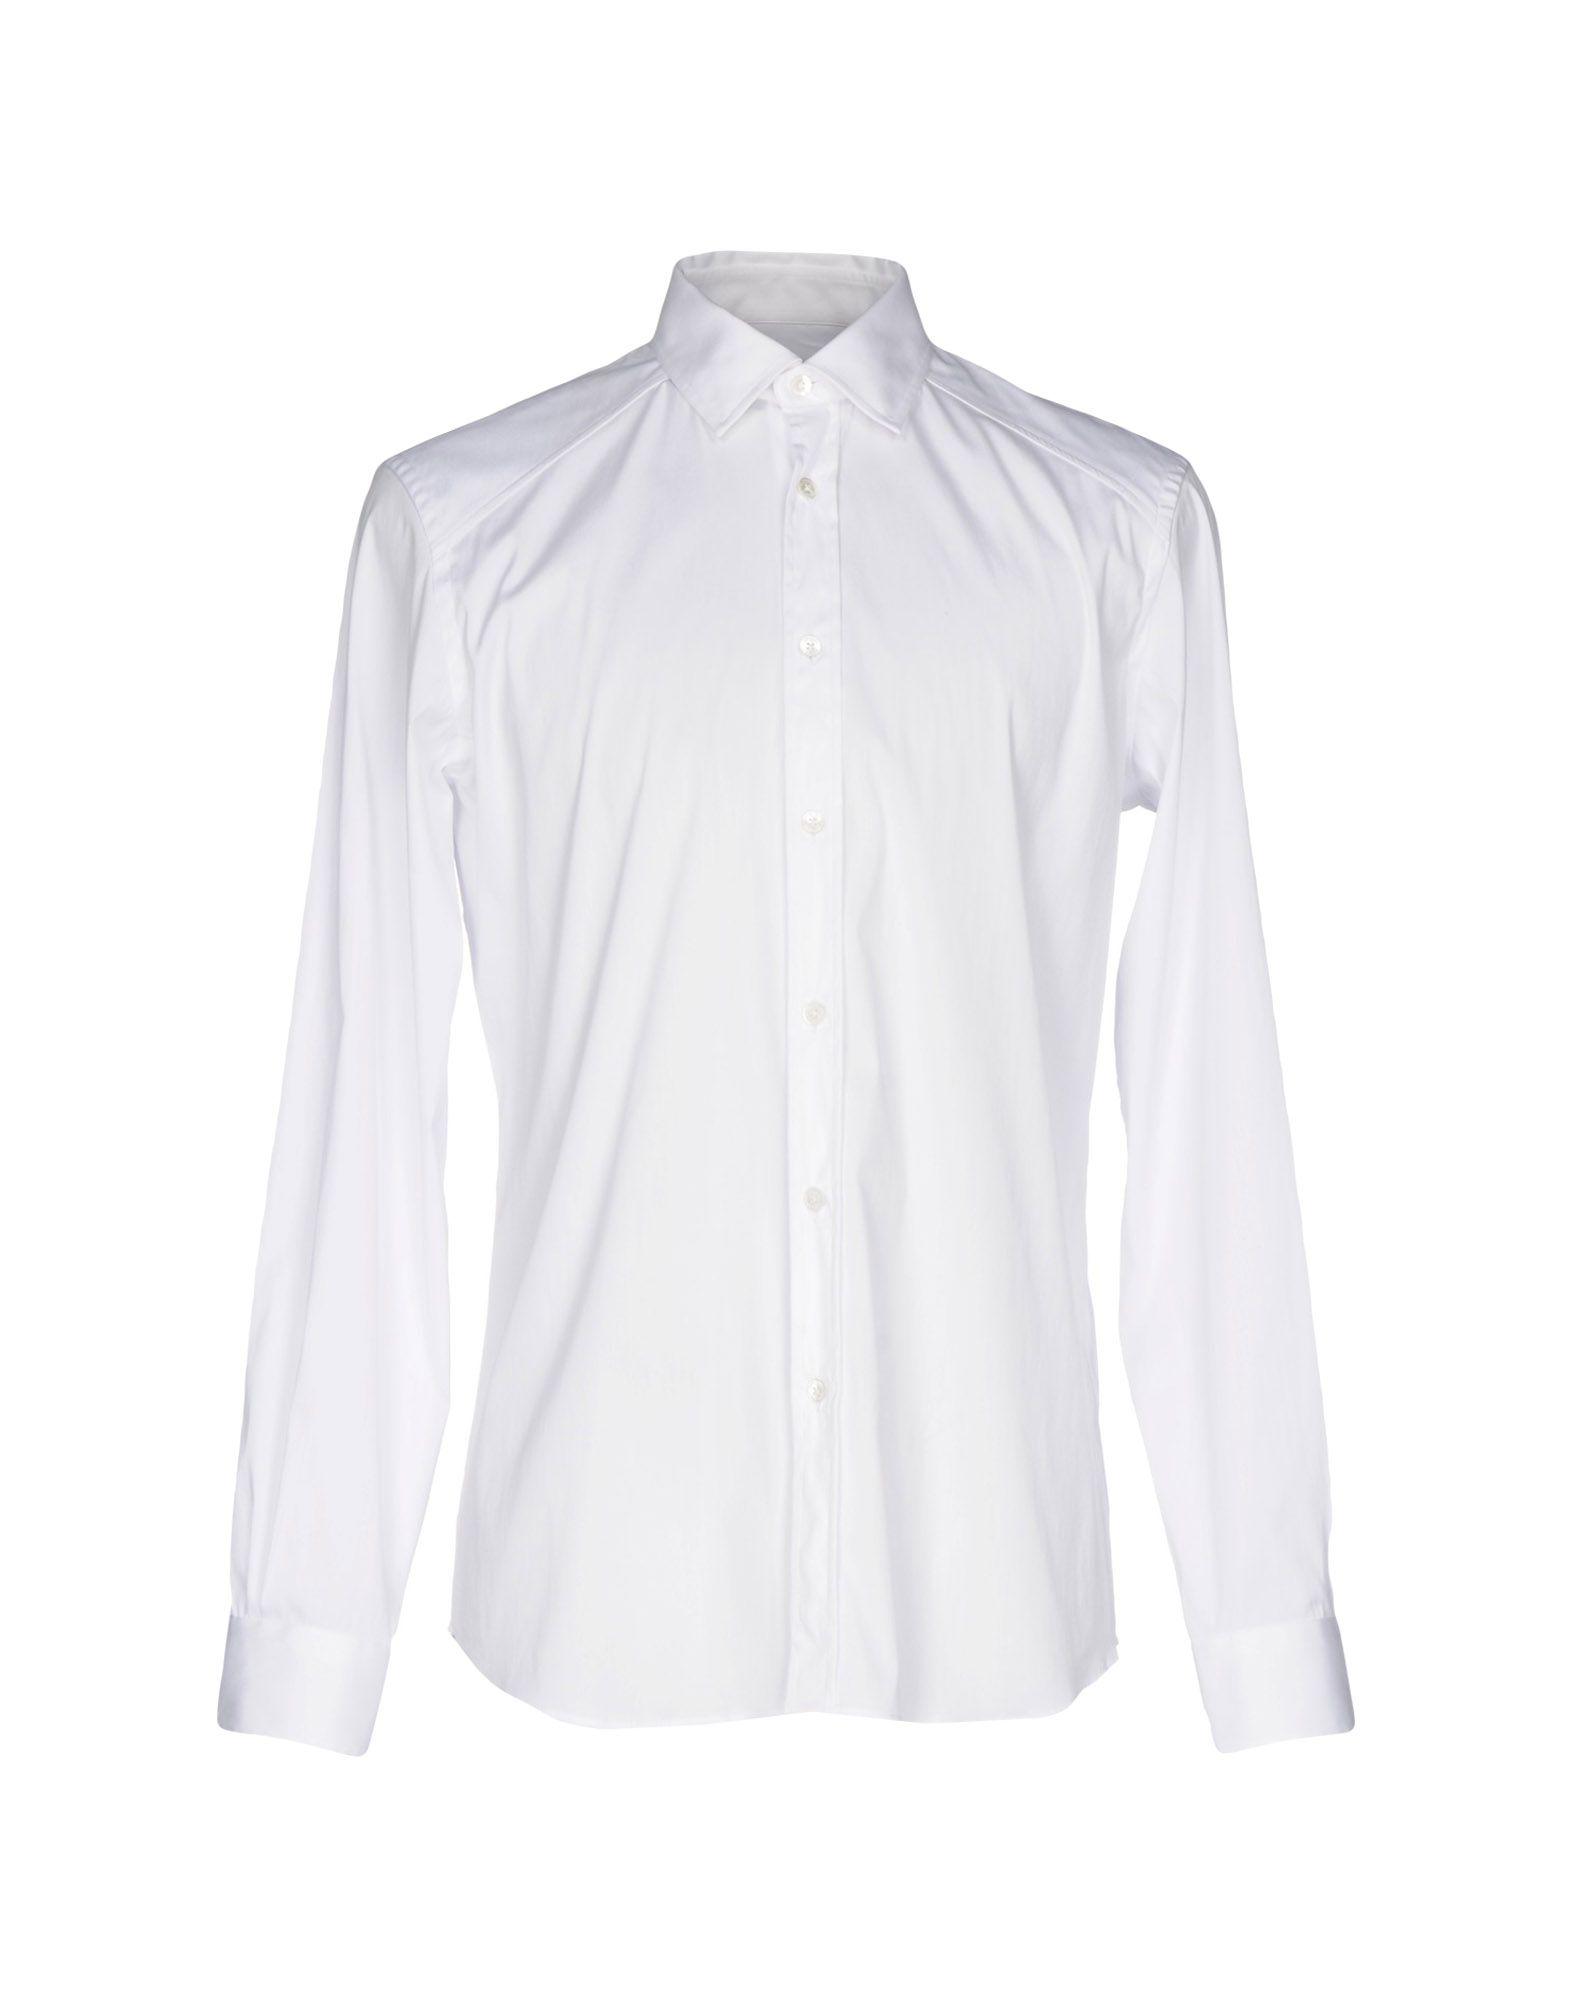 メンズ ベルスタッフ シャツ ホワイト